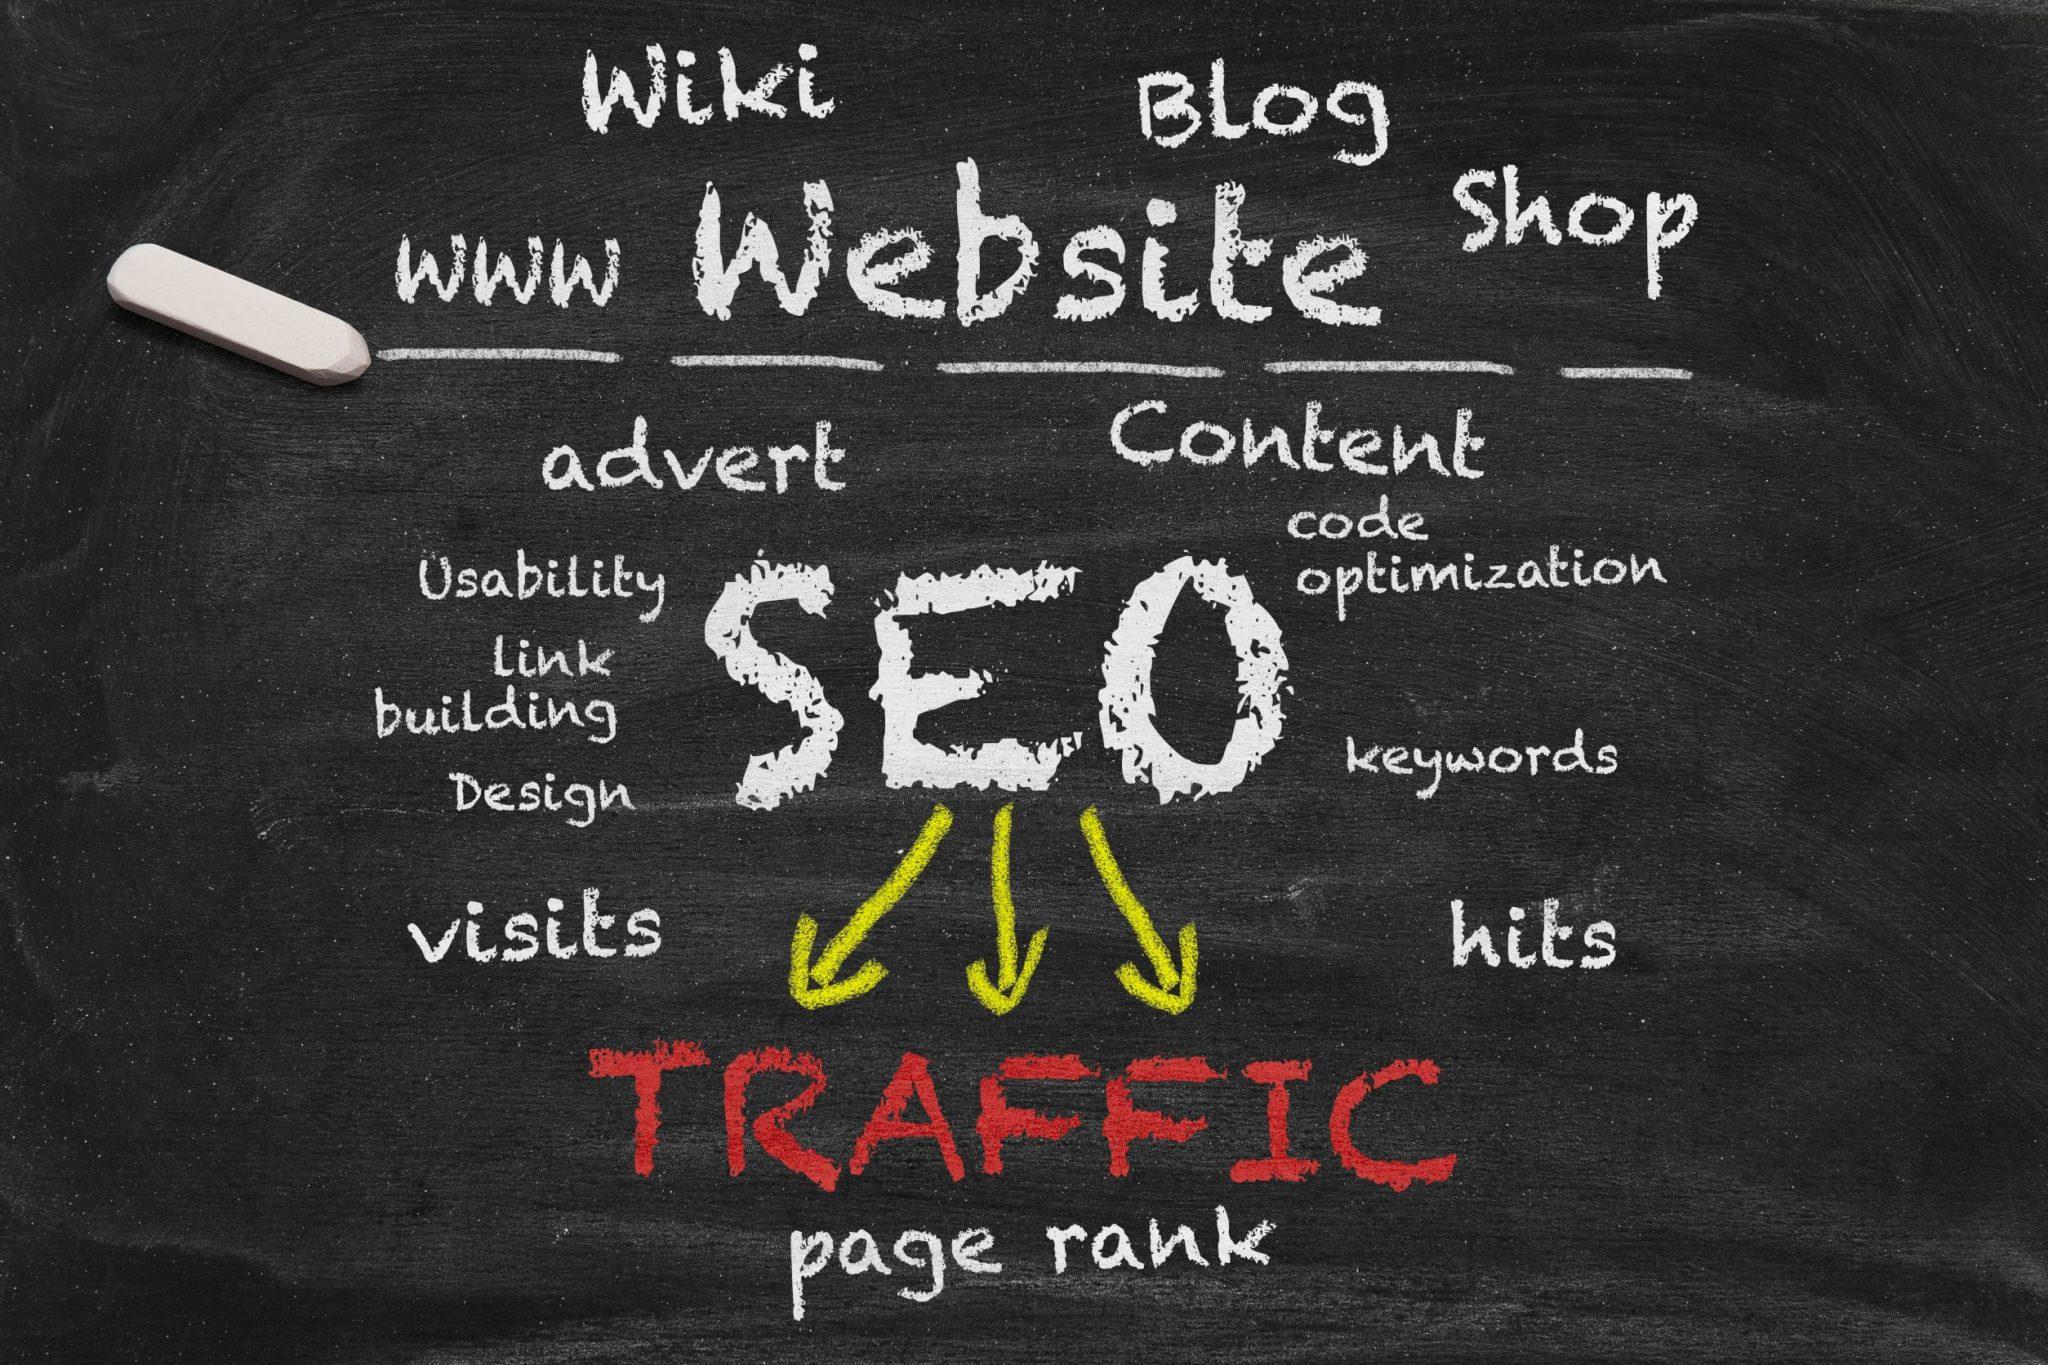 50-semplici-modi-per-aumentare-il-traffico-del-tuo-sito-consulente-di-web-marketing-seo-growth-hacker